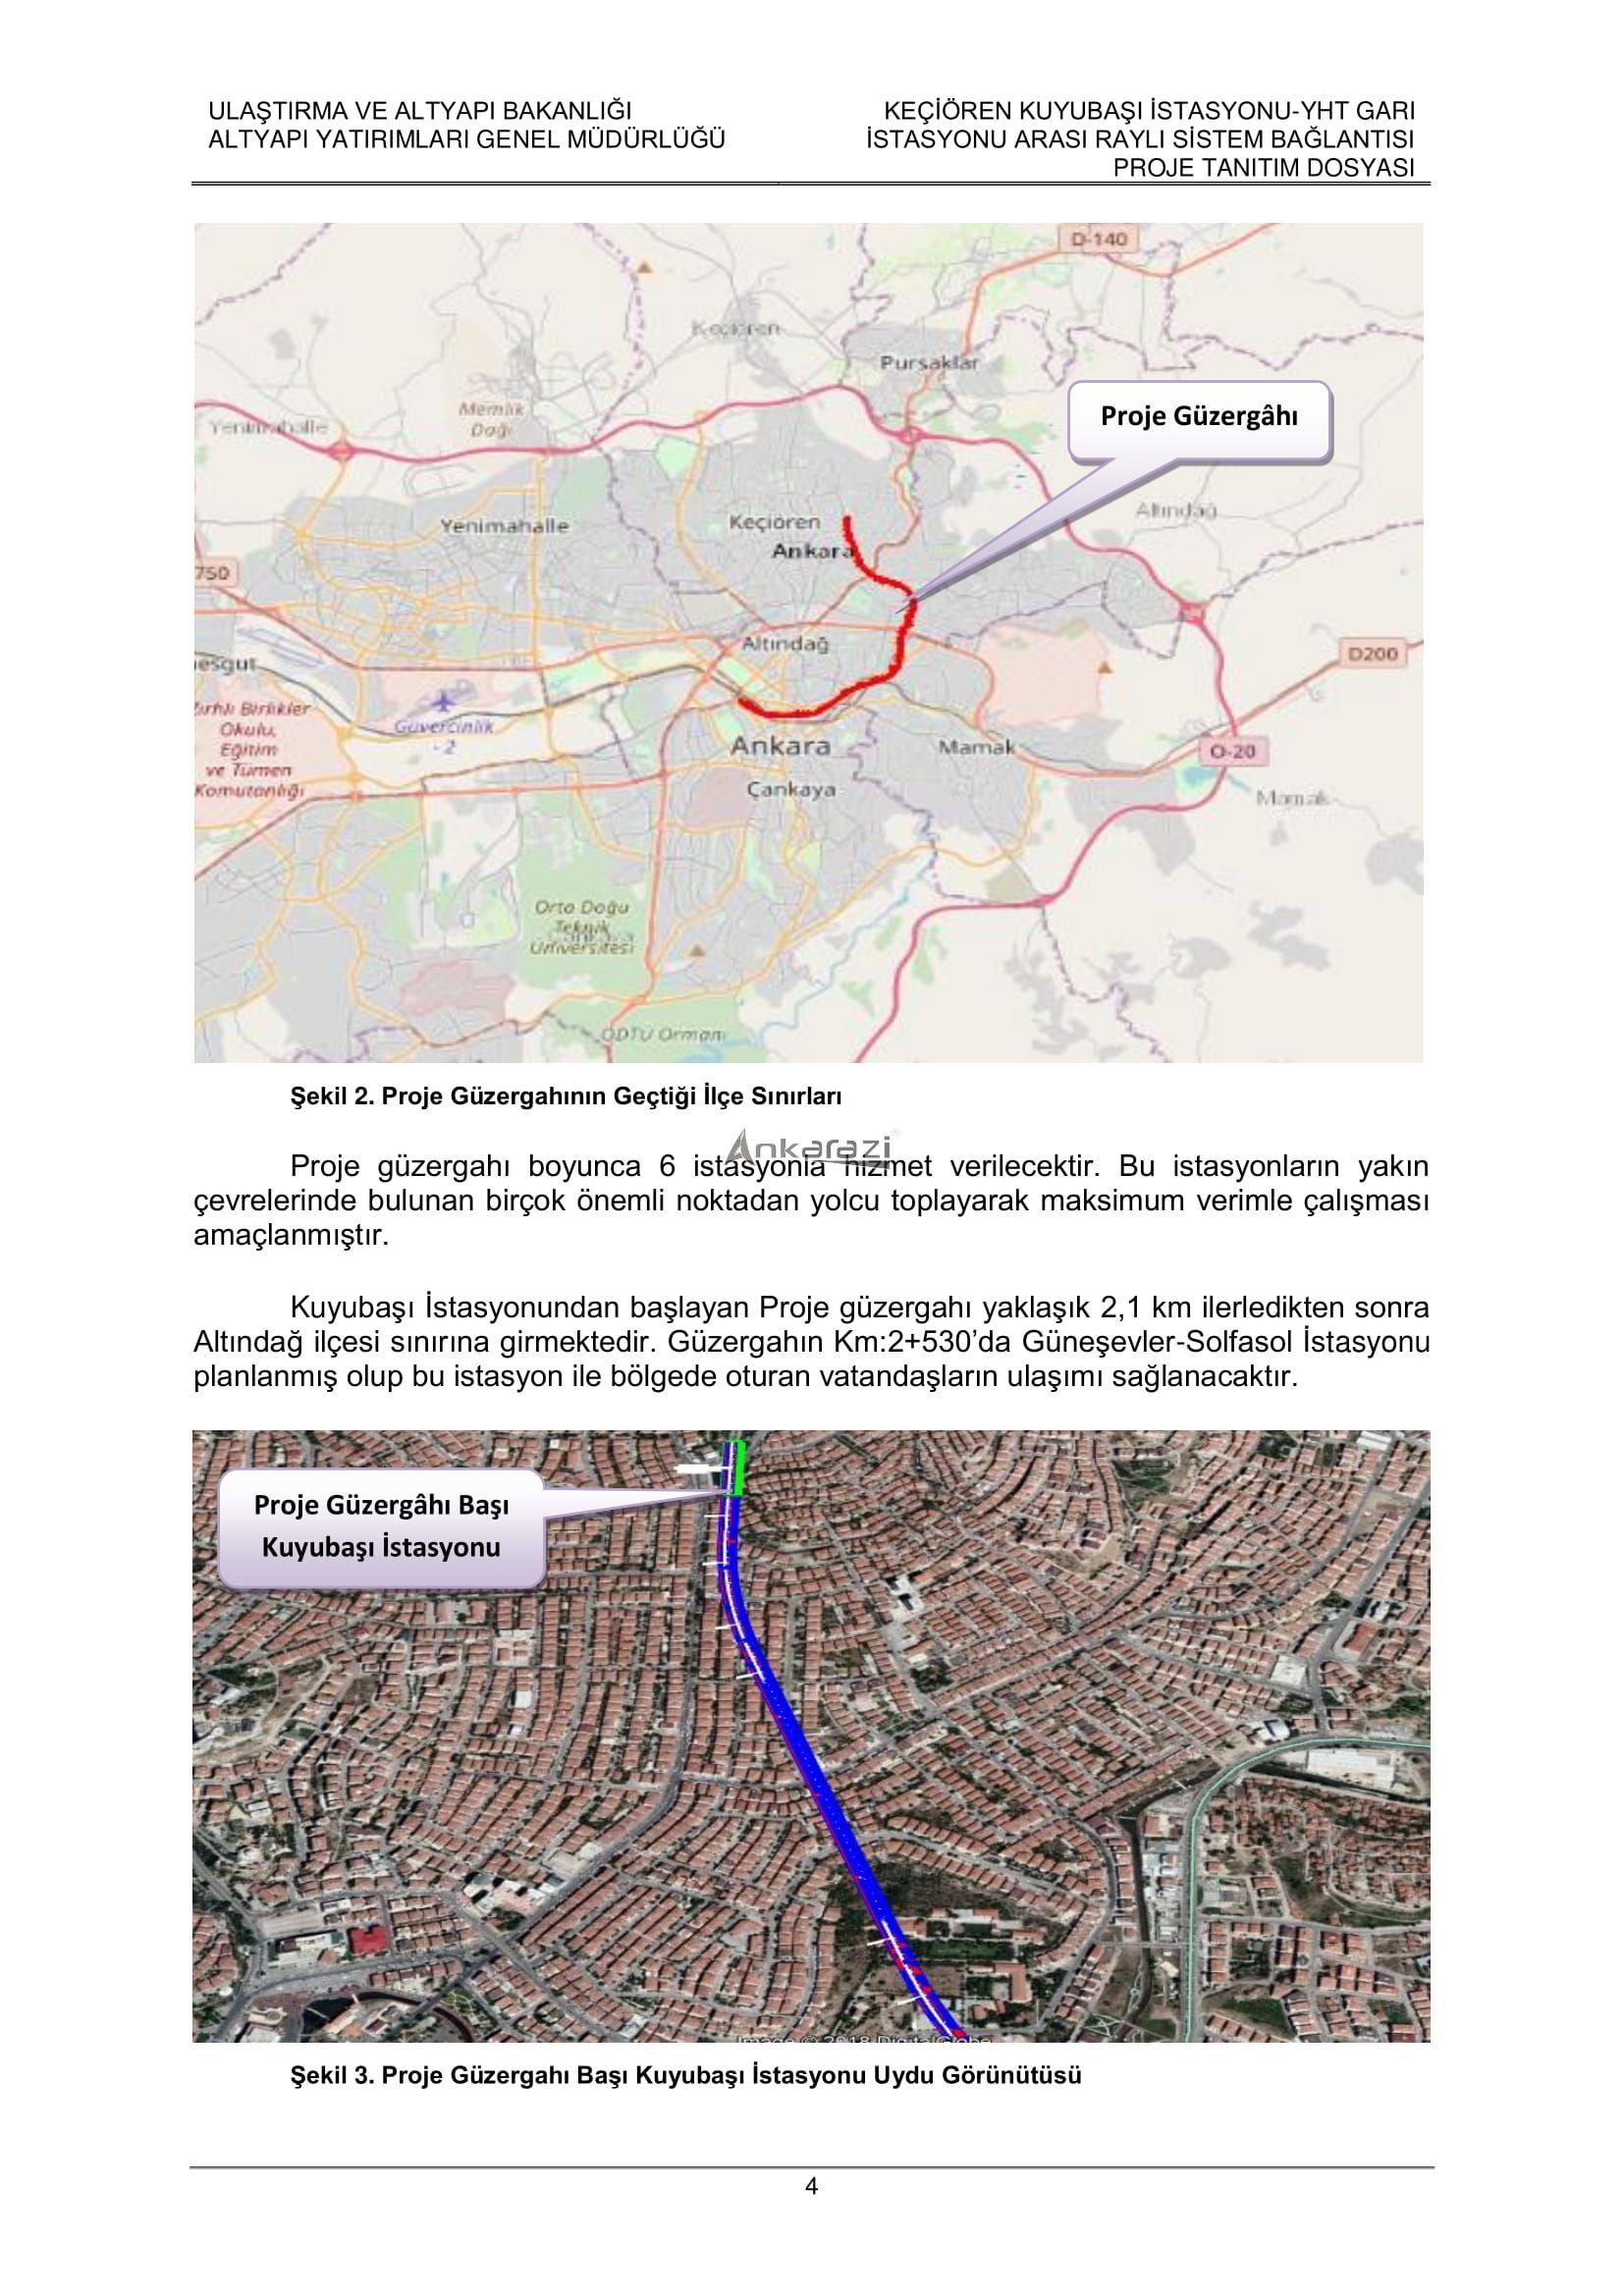 Keçiören-Siteler-YHT Garı Metro Hattı, Nihai Proje Dosyası... 3692